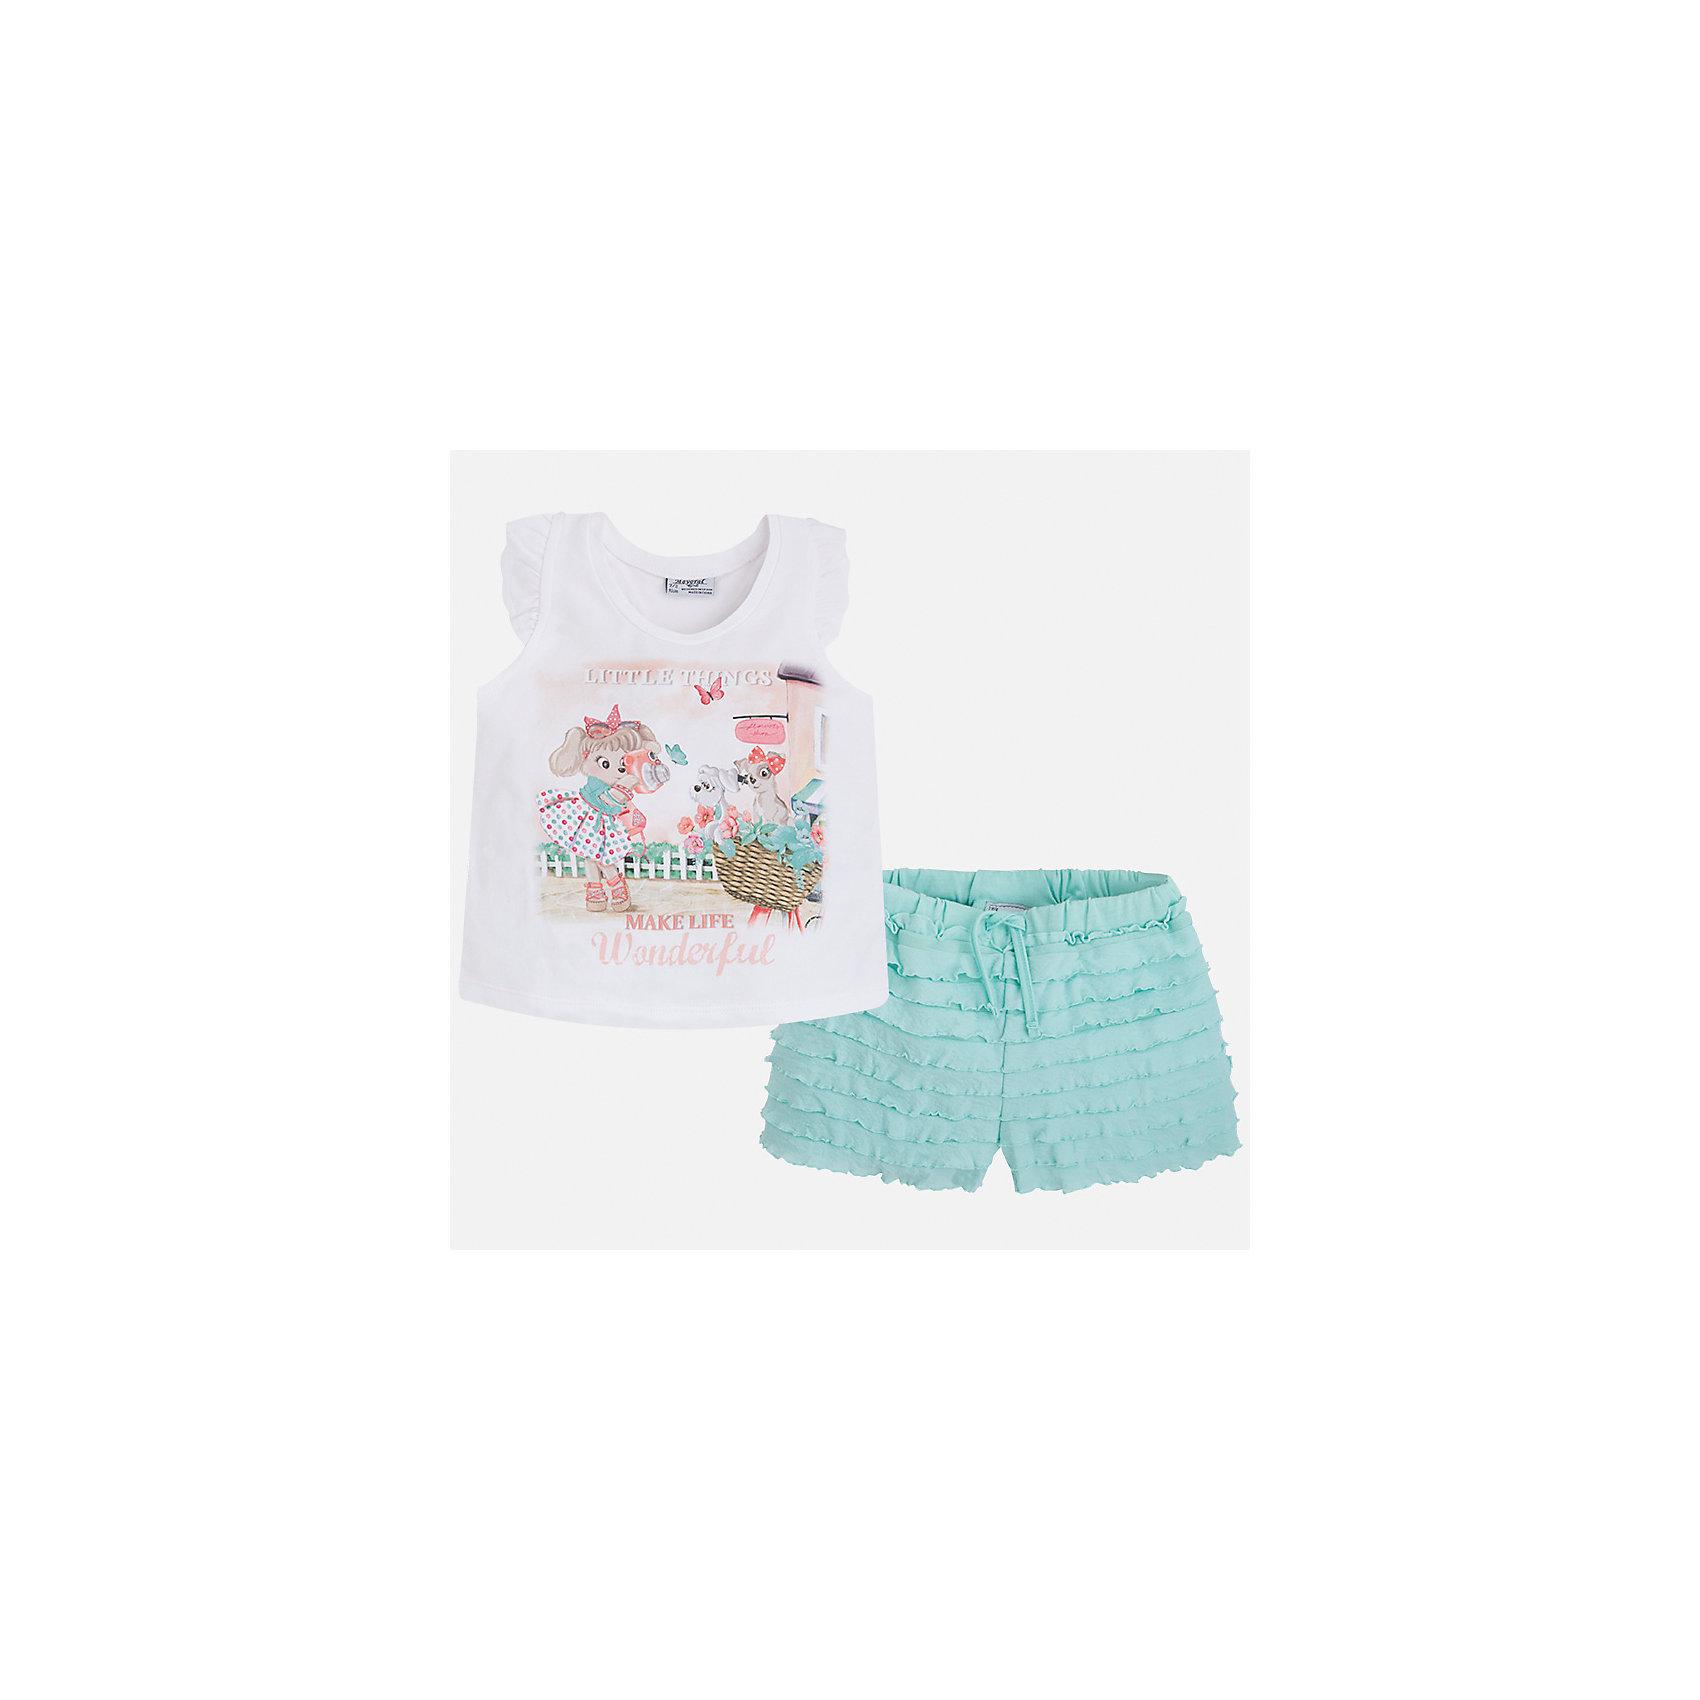 Комплект: футболка с длинным рукавом и шорты для девочки MayoralКомплекты<br>Характеристики товара:<br><br>• цвет: белый/зеленый<br>• состав: 95% хлопок, 5% эластан<br>• комплектация: футболка, шорты<br>• футболка декорирована принтом<br>• шорты с оборками<br>• пояс на шнурке<br>• страна бренда: Испания<br><br>Модный красивый комплект для девочки поможет разнообразить гардероб ребенка и удобно одеться в теплую погоду. Он отлично сочетается с другими предметами. Универсальный цвет позволяет подобрать к вещам верхнюю одежду практически любой расцветки. Интересная отделка модели делает её нарядной и оригинальной. В составе материала - натуральный хлопок, гипоаллергенный, приятный на ощупь, дышащий.<br><br>Одежда, обувь и аксессуары от испанского бренда Mayoral полюбились детям и взрослым по всему миру. Модели этой марки - стильные и удобные. Для их производства используются только безопасные, качественные материалы и фурнитура. Порадуйте ребенка модными и красивыми вещами от Mayoral! <br><br>Комплект для девочки от испанского бренда Mayoral (Майорал) можно купить в нашем интернет-магазине.<br><br>Ширина мм: 191<br>Глубина мм: 10<br>Высота мм: 175<br>Вес г: 273<br>Цвет: зеленый<br>Возраст от месяцев: 24<br>Возраст до месяцев: 36<br>Пол: Женский<br>Возраст: Детский<br>Размер: 98,116,92,104,110<br>SKU: 5289923